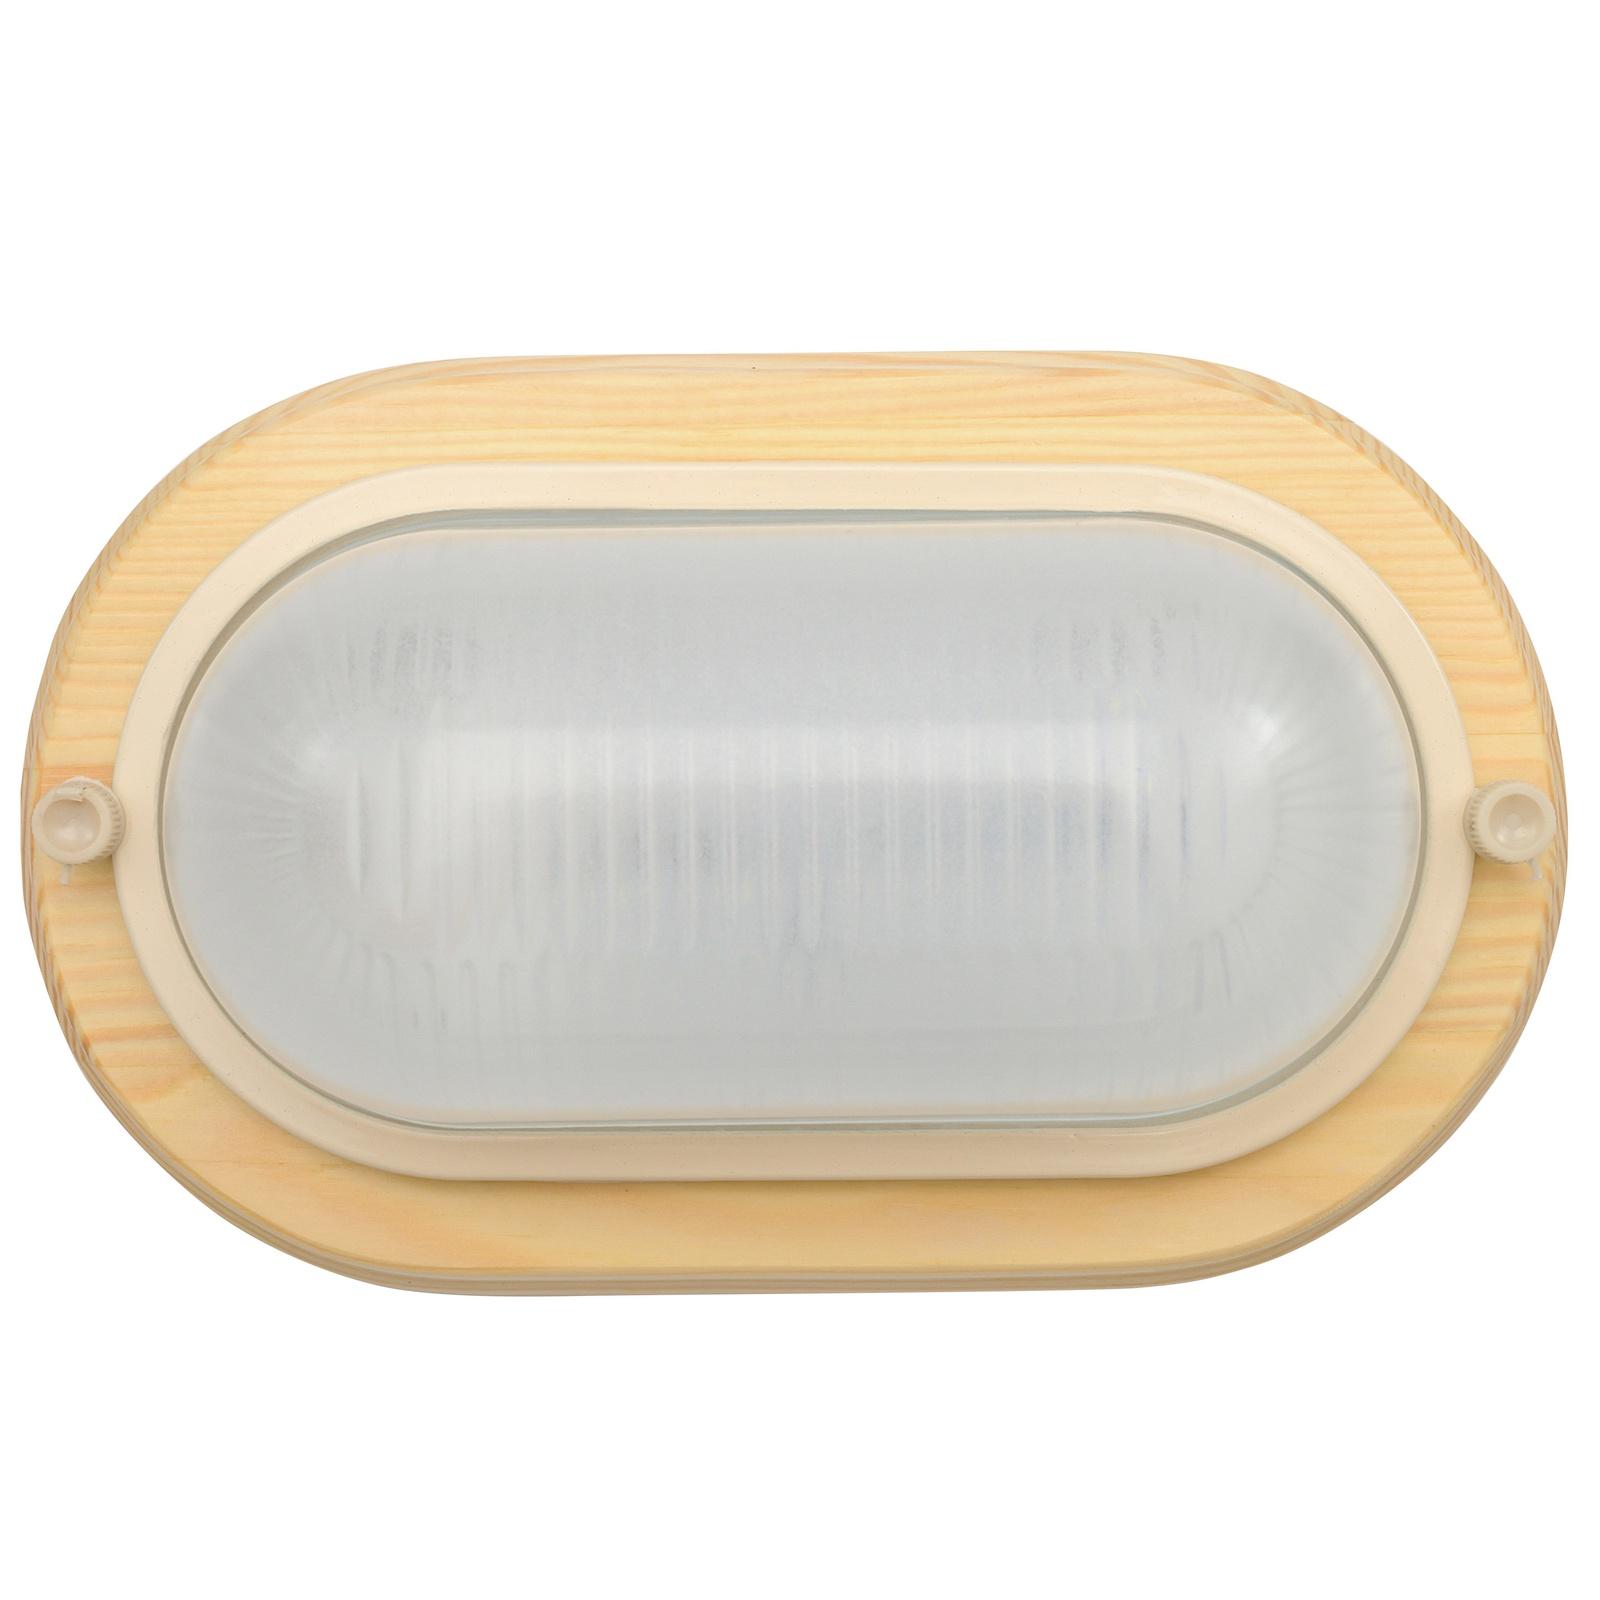 Настенно-потолочный светильник СВЕТ 04-6-011, светло-коричневыйДБО 04-6-011Светильник настенно-потолочный предназначен для общего освещения офисов, бытовых, общественных, производственных, промышленных помещений, а также лестничных площадок. Корпус светильника выполнен из дерева. Стеклянный рассеиватель равномерно распределяет свет по всему помещению. Светодиодный модуль мощностью 6 Вт отличается экономичностью и эффективностью. Форма – овал. Цвет – клён.